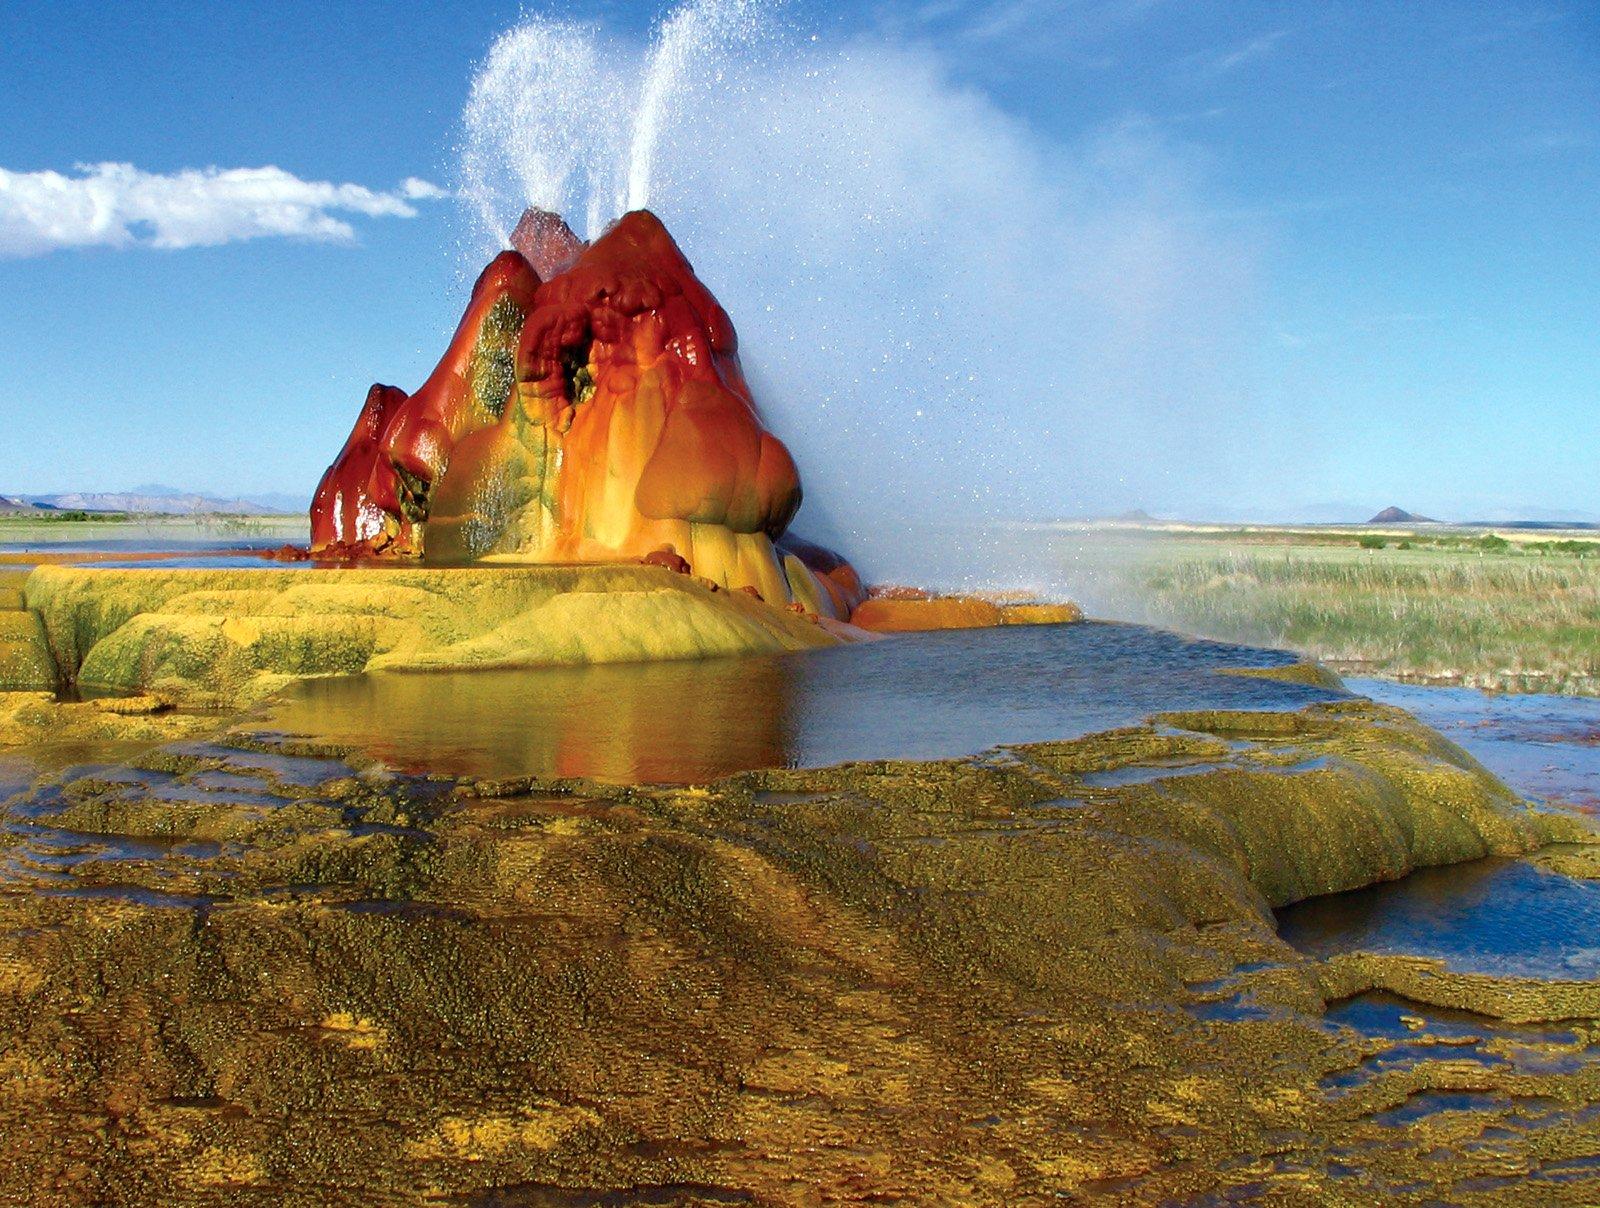 Fly_geyser, Nevada